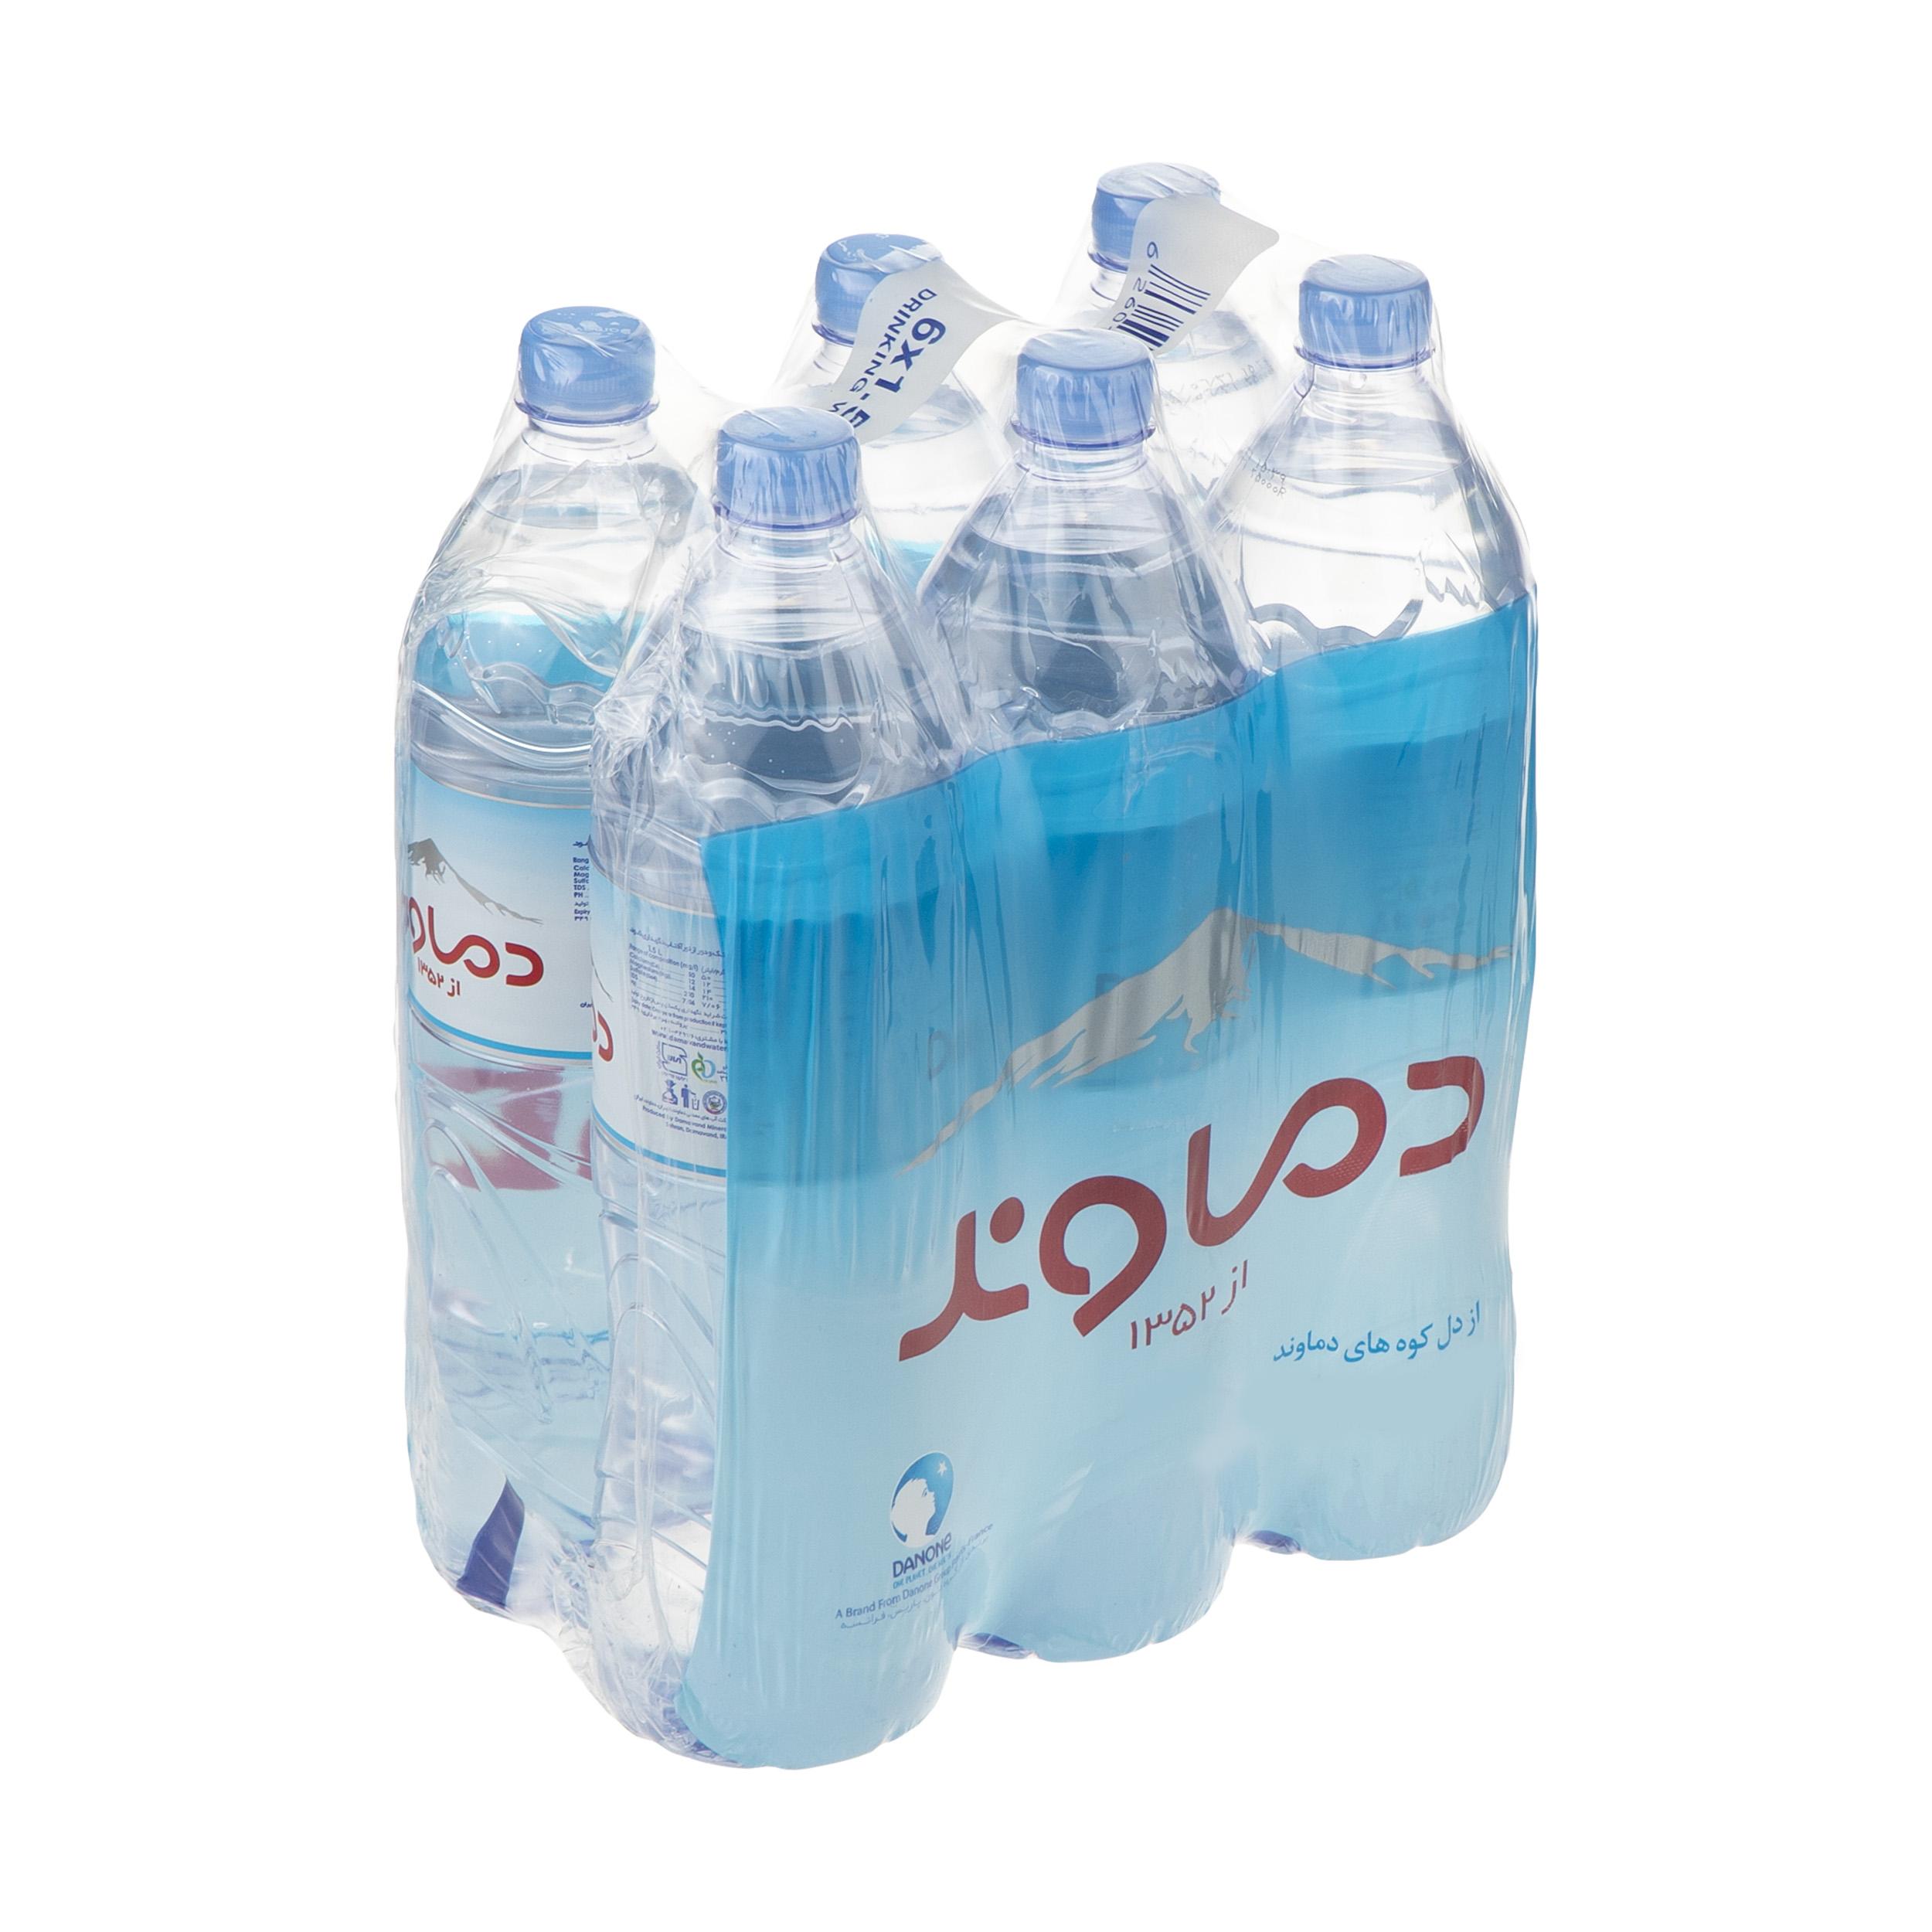 آب آشامیدنی دماوند حجم 1.5 لیتر بسته 6 عددی